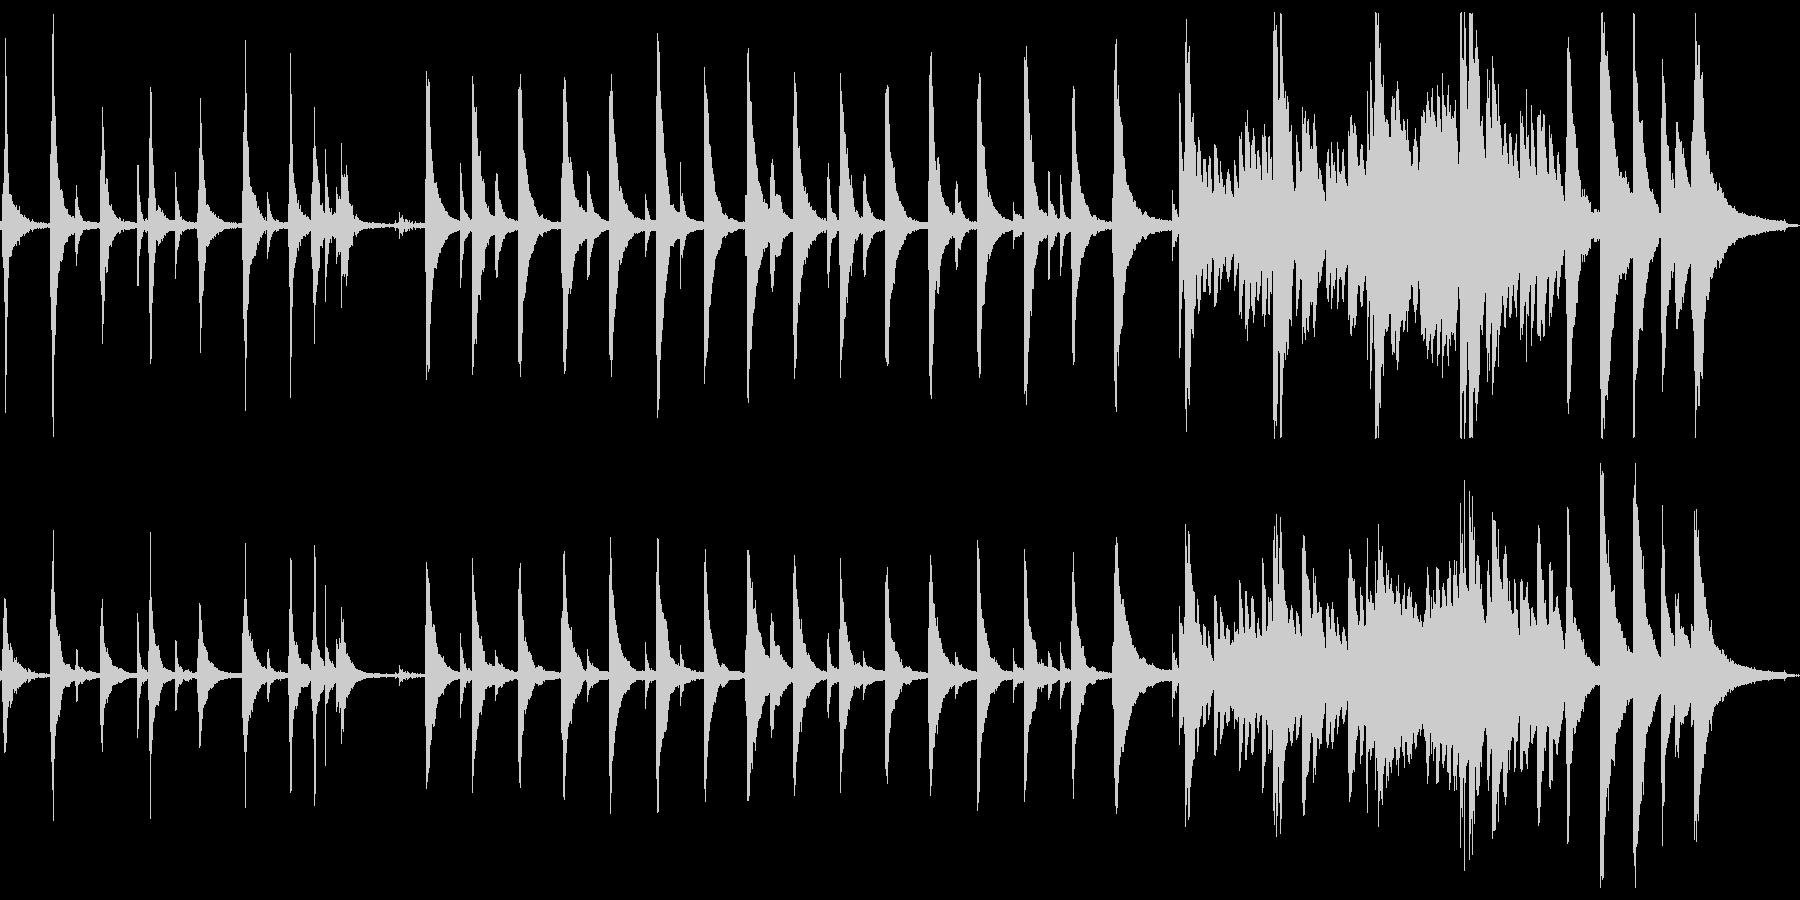 切なく幻想的なゆったりピアノソロの未再生の波形